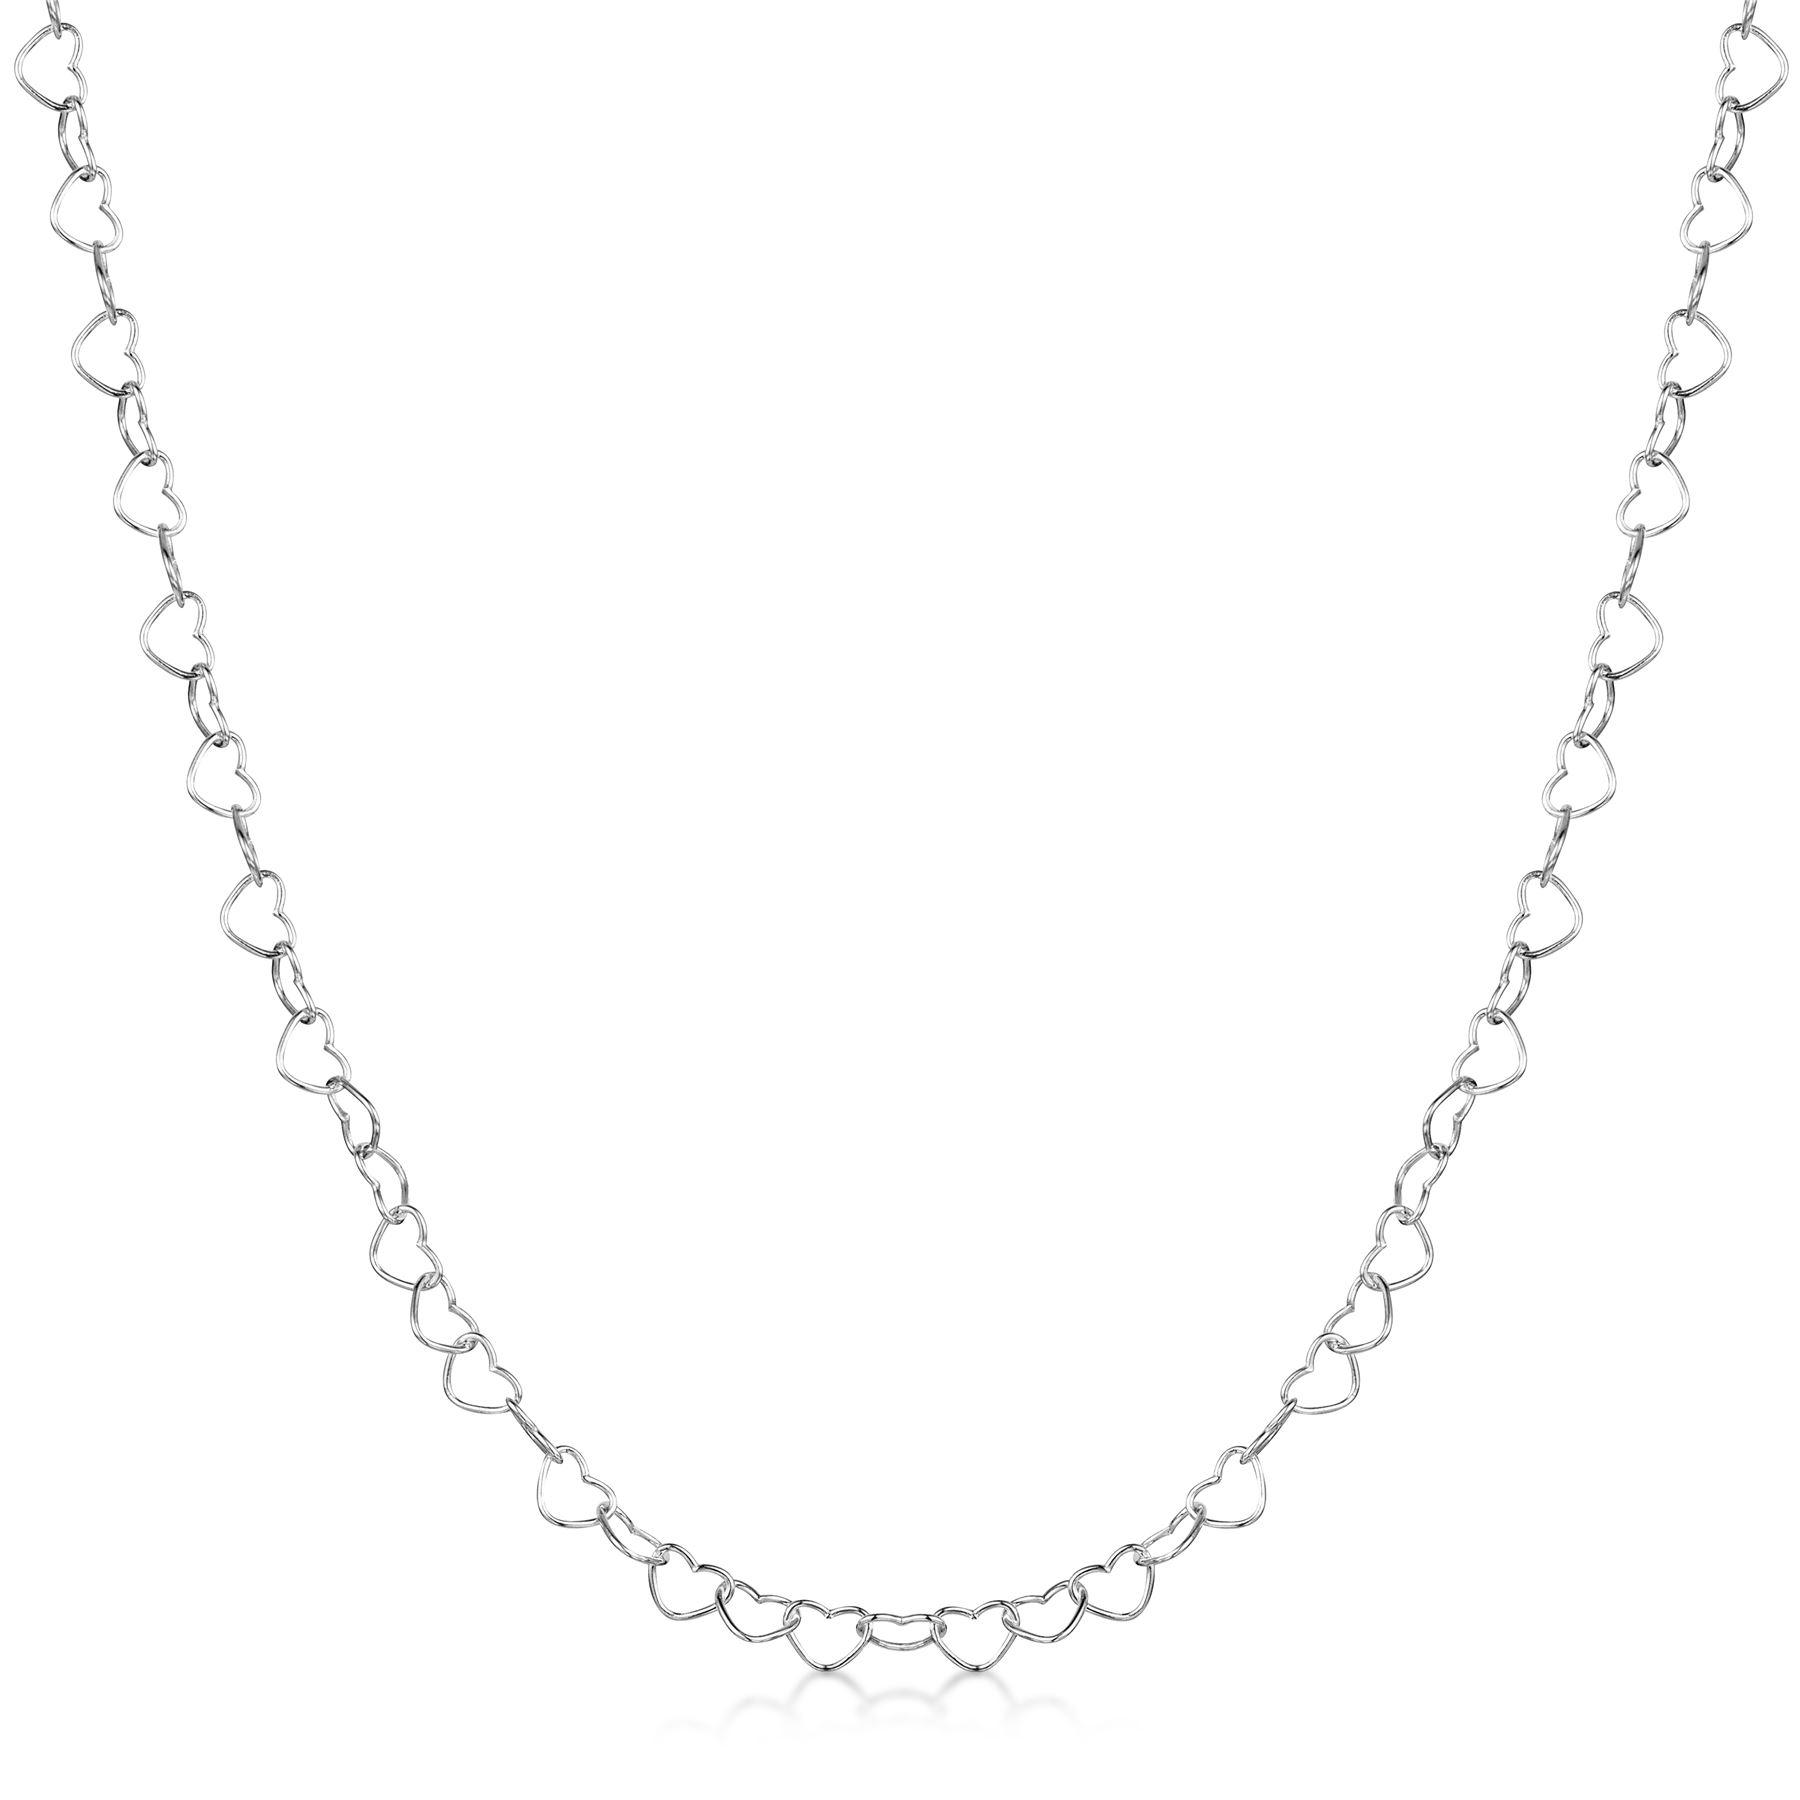 Amberta-Collar-en-Plata-De-Ley-925-Autentica-Cadena-para-Mujer-y-Hombre-Italiana miniatura 123